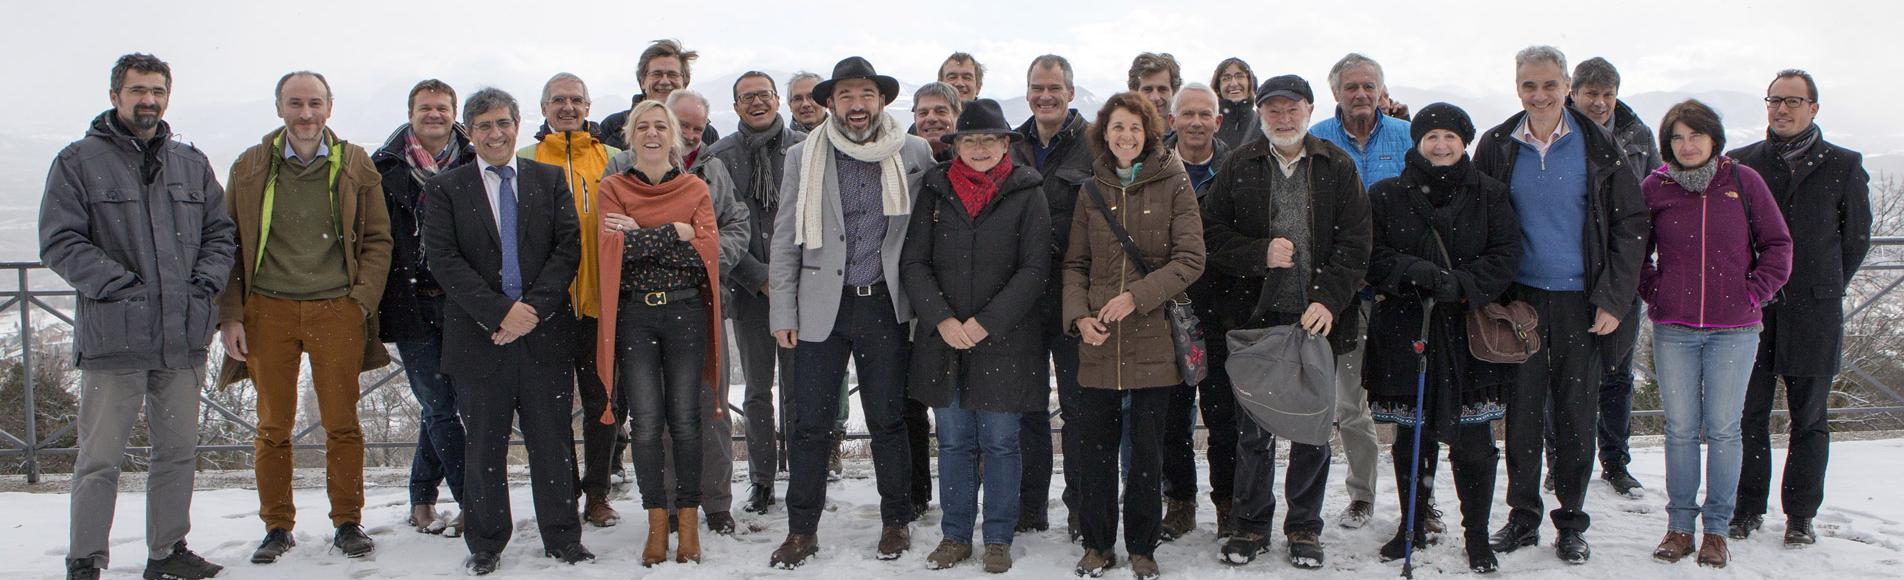 100ème séance du Conseil scientifique du Parc national des Ecrins - janvier 2017 © P.Saulay - Parc national des Ecrins